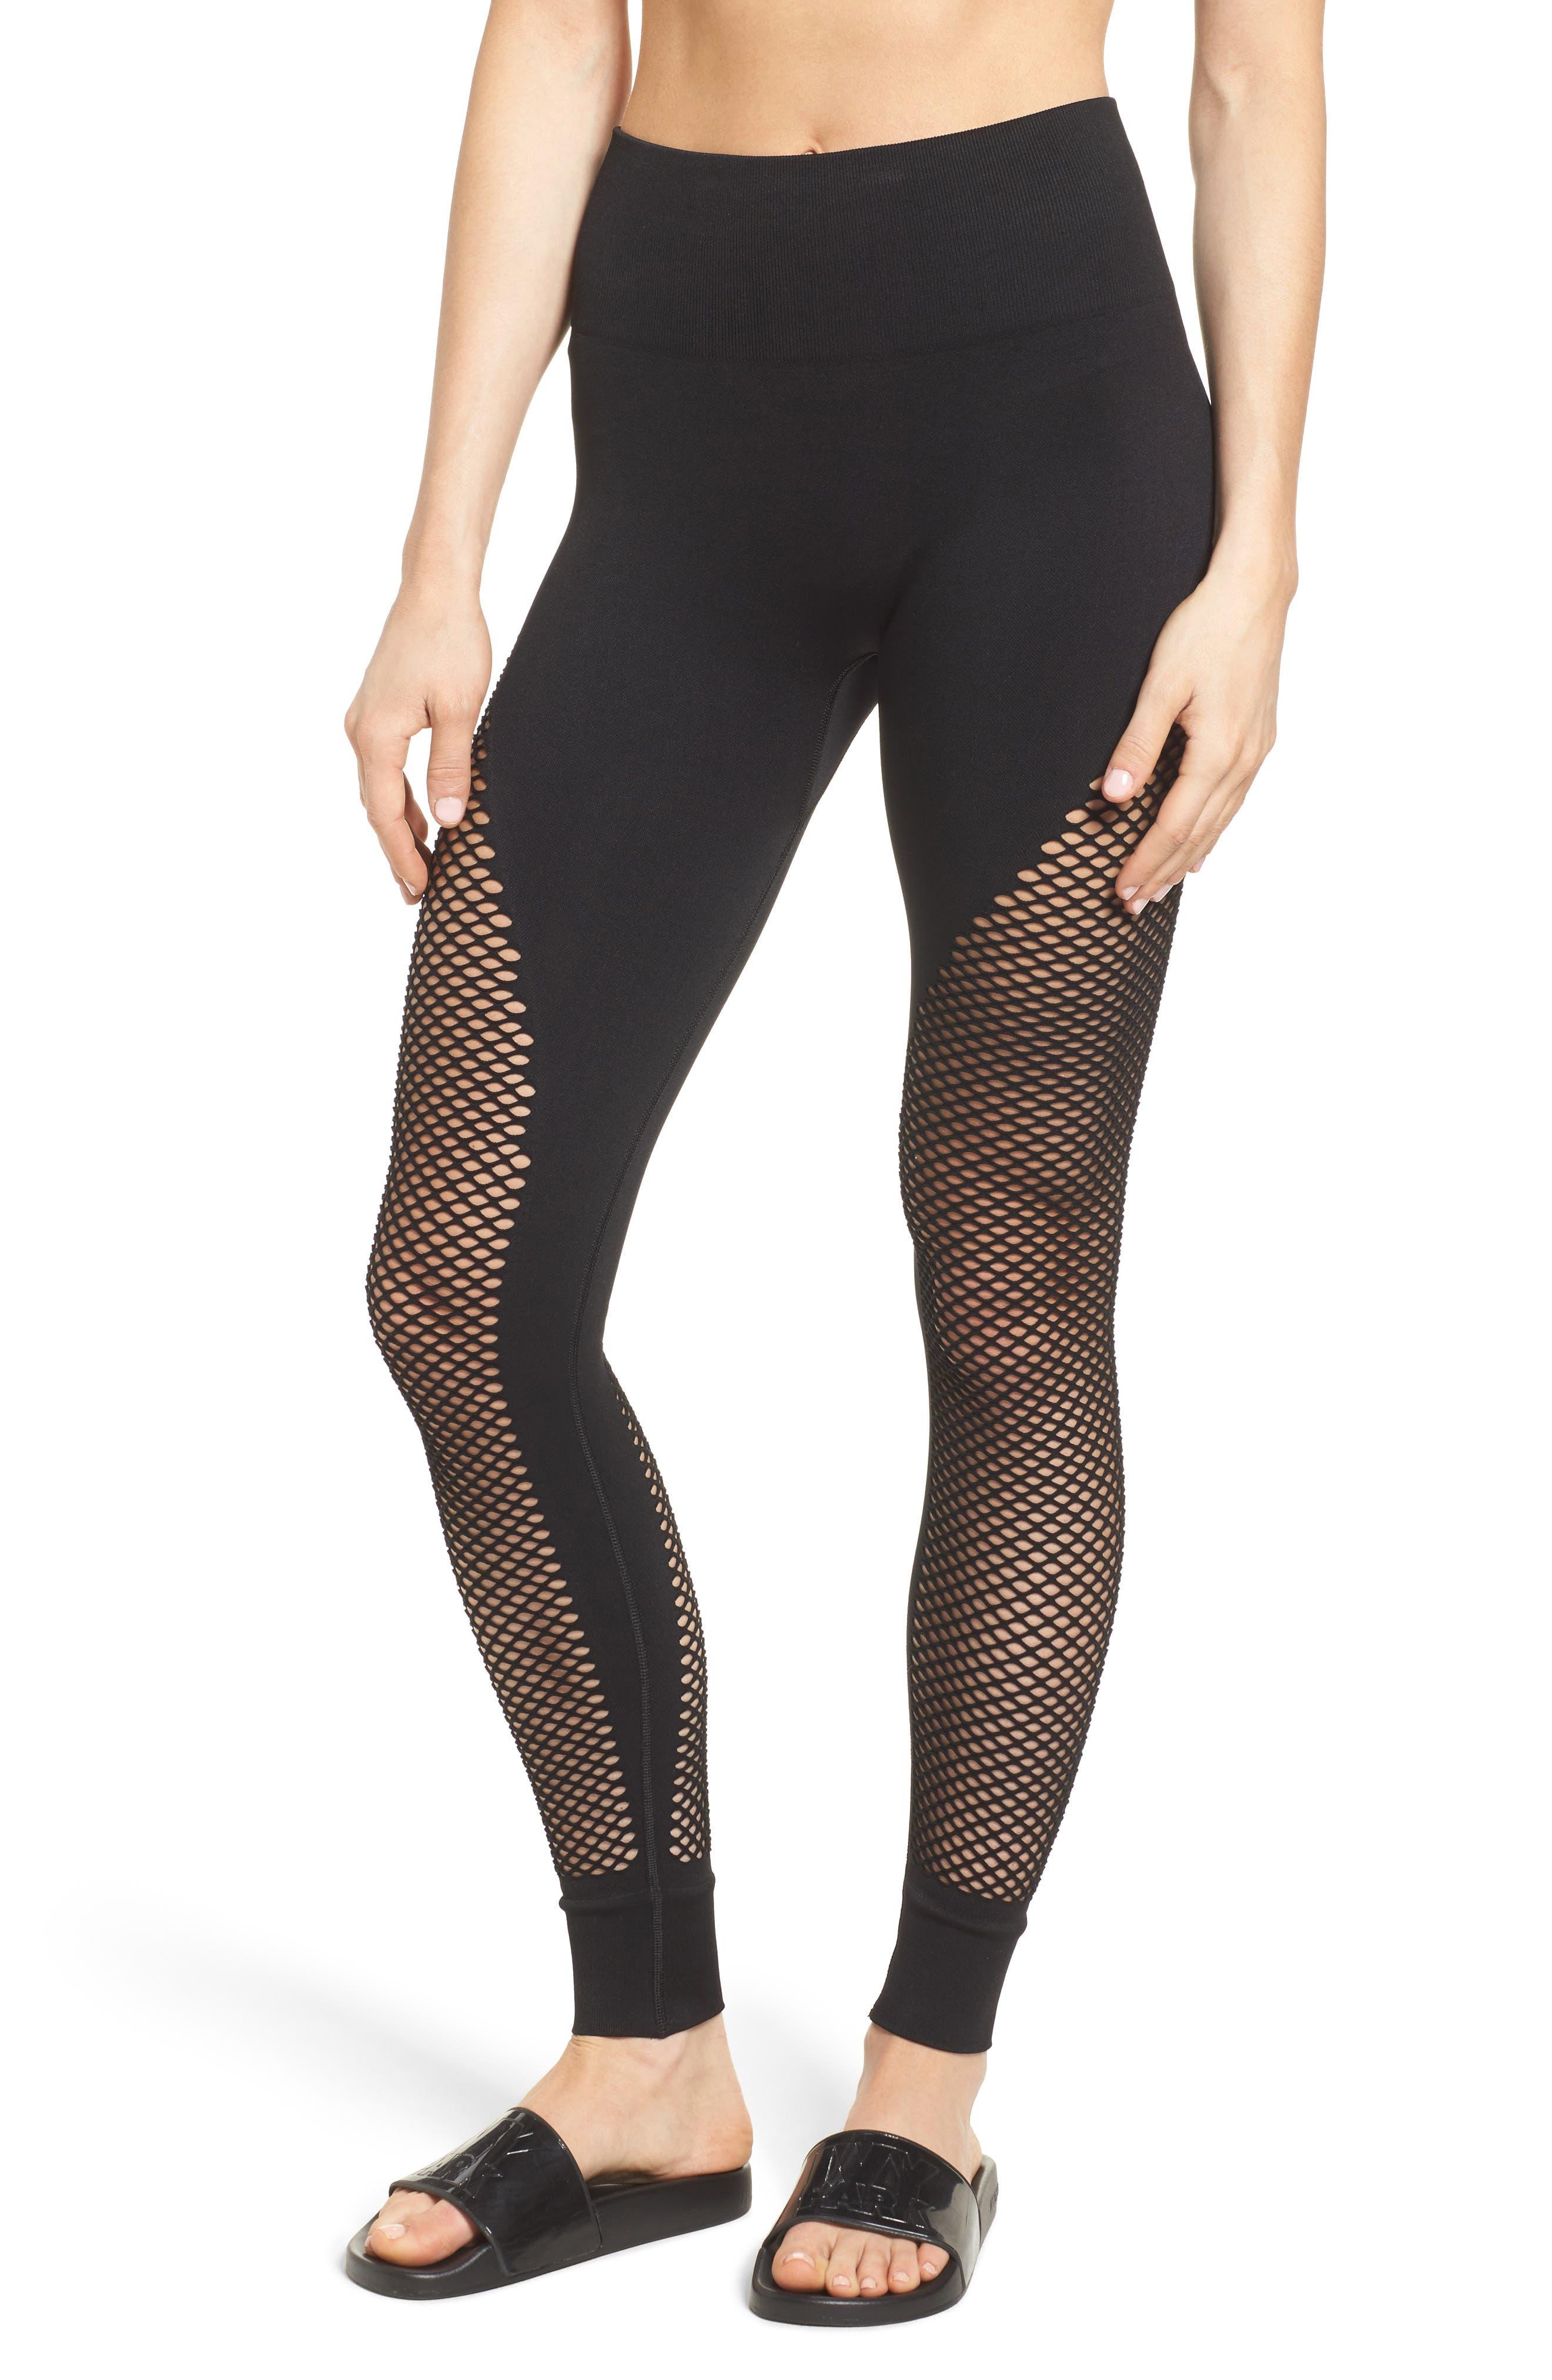 Alternate Image 1 Selected - IVY PARK® Fishnet Leggings